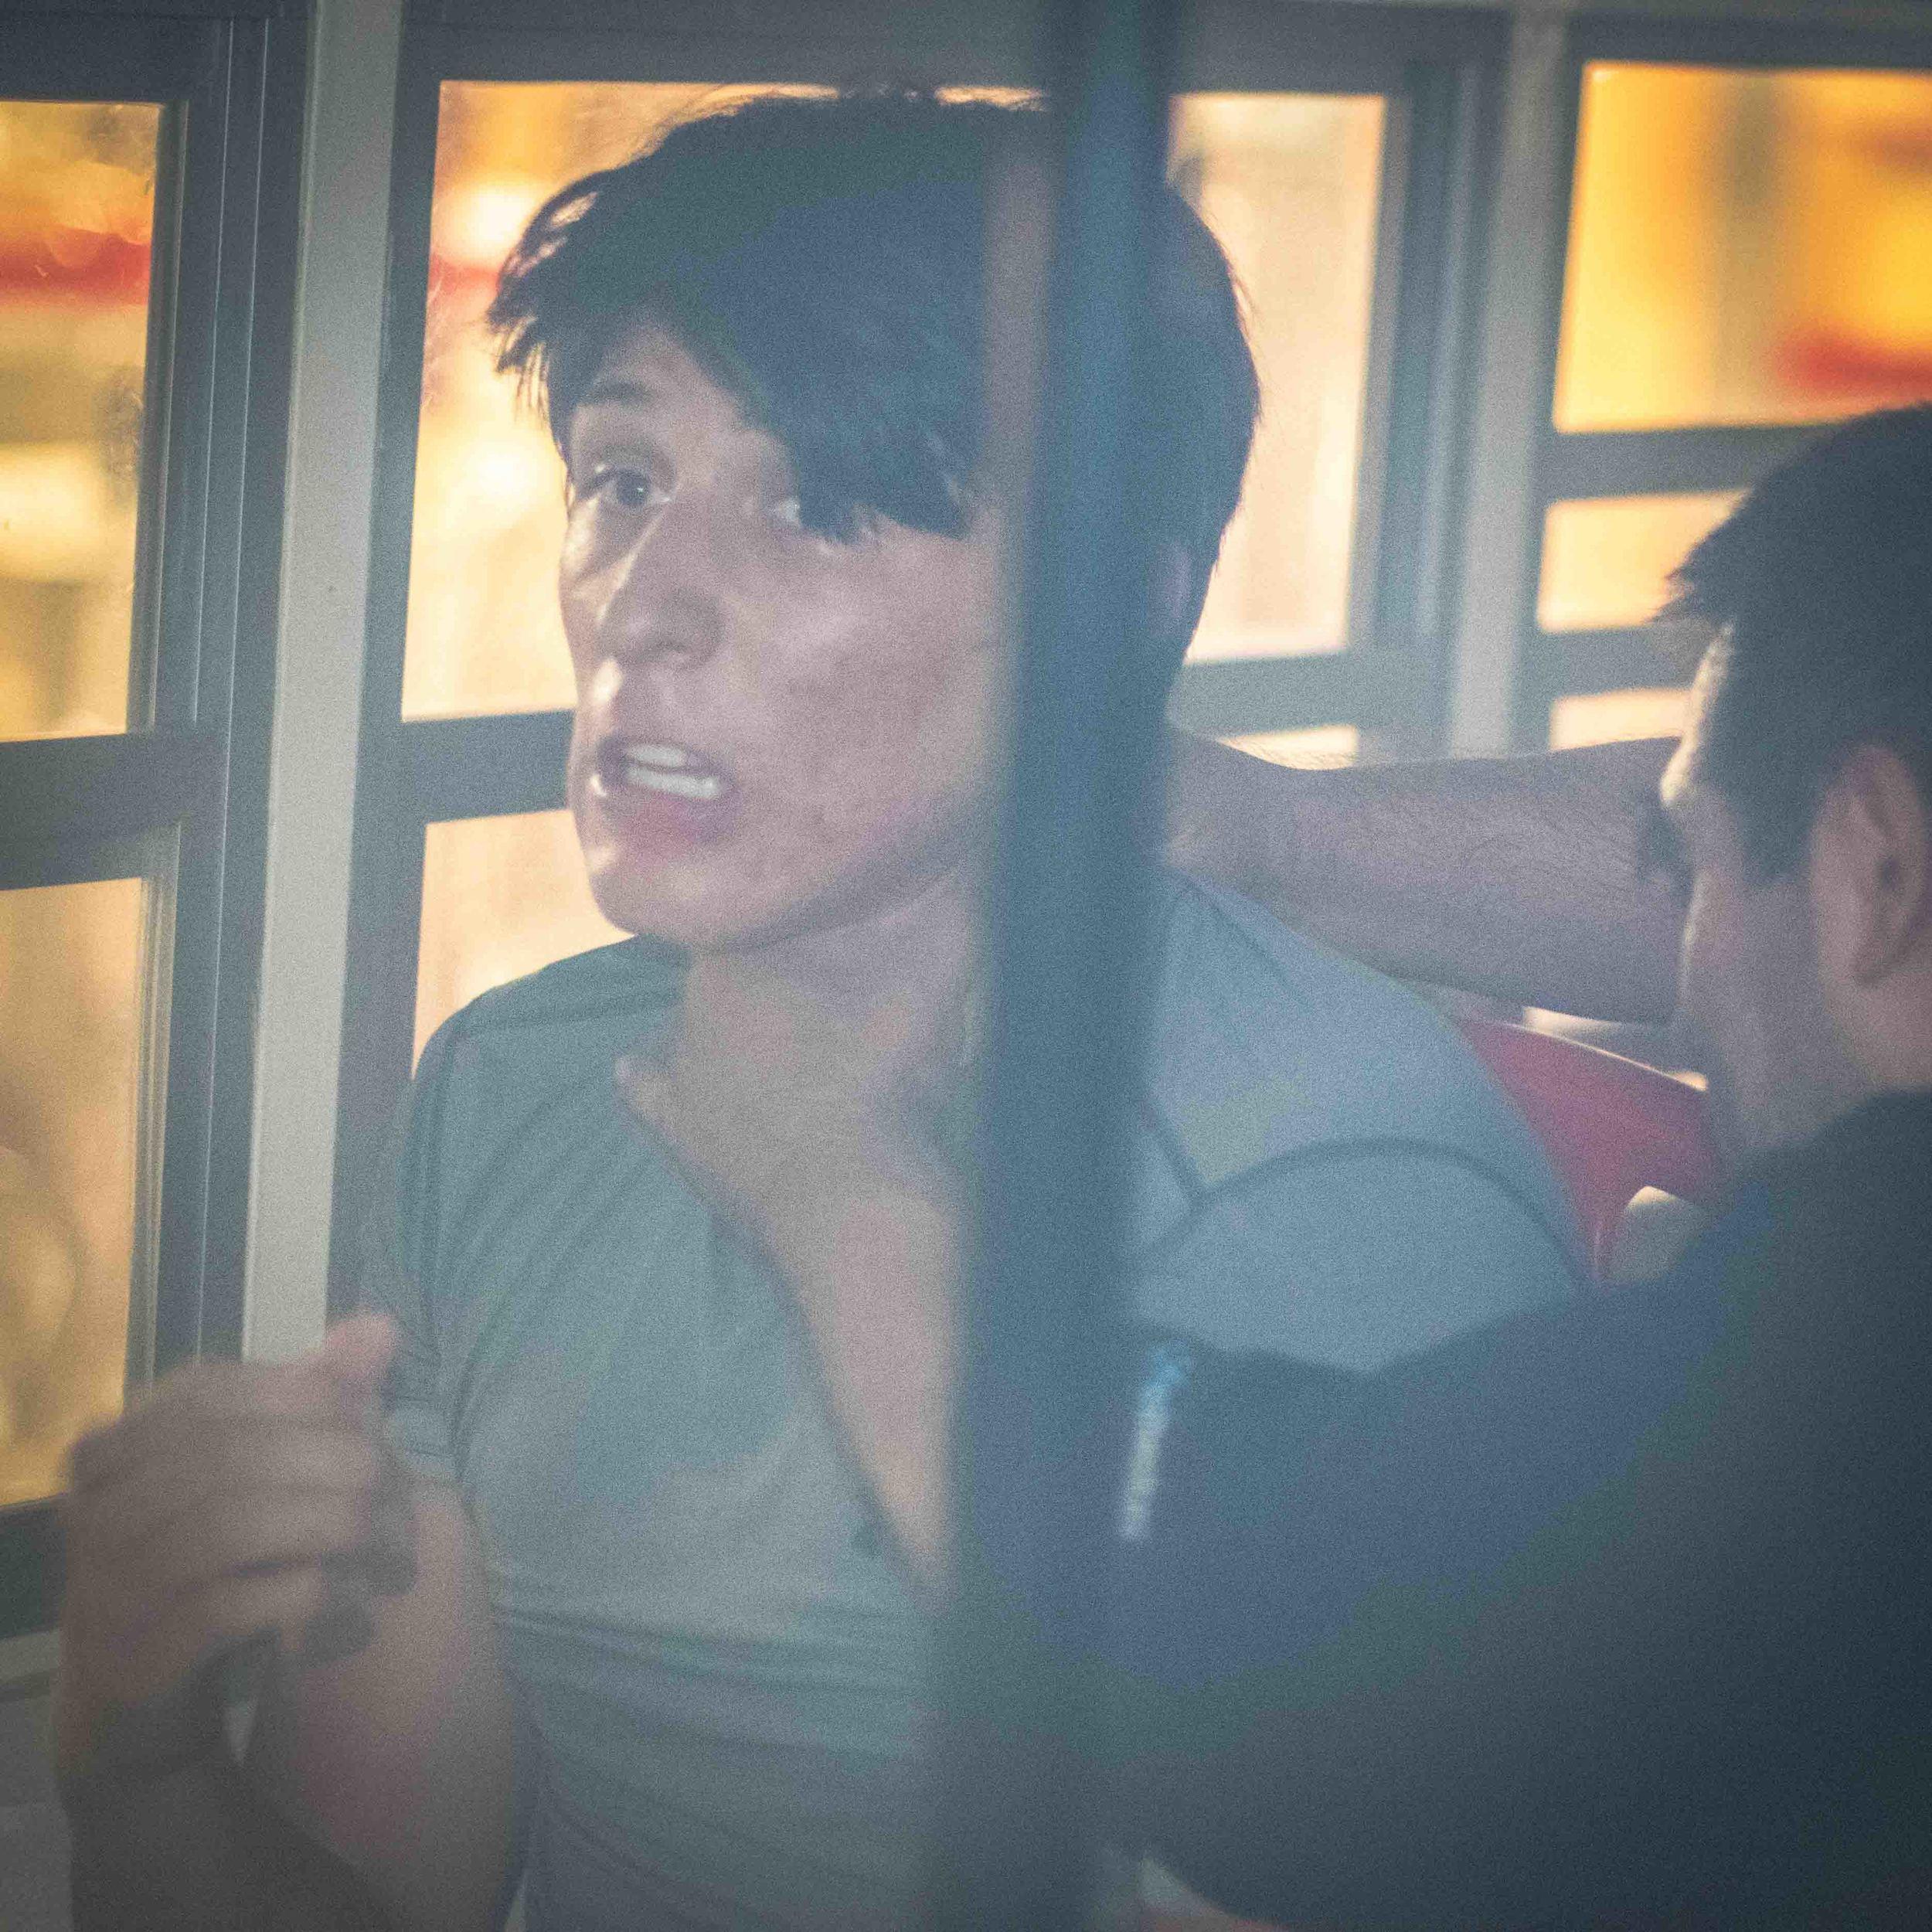 Estrangulamiento Lateral en Autobús